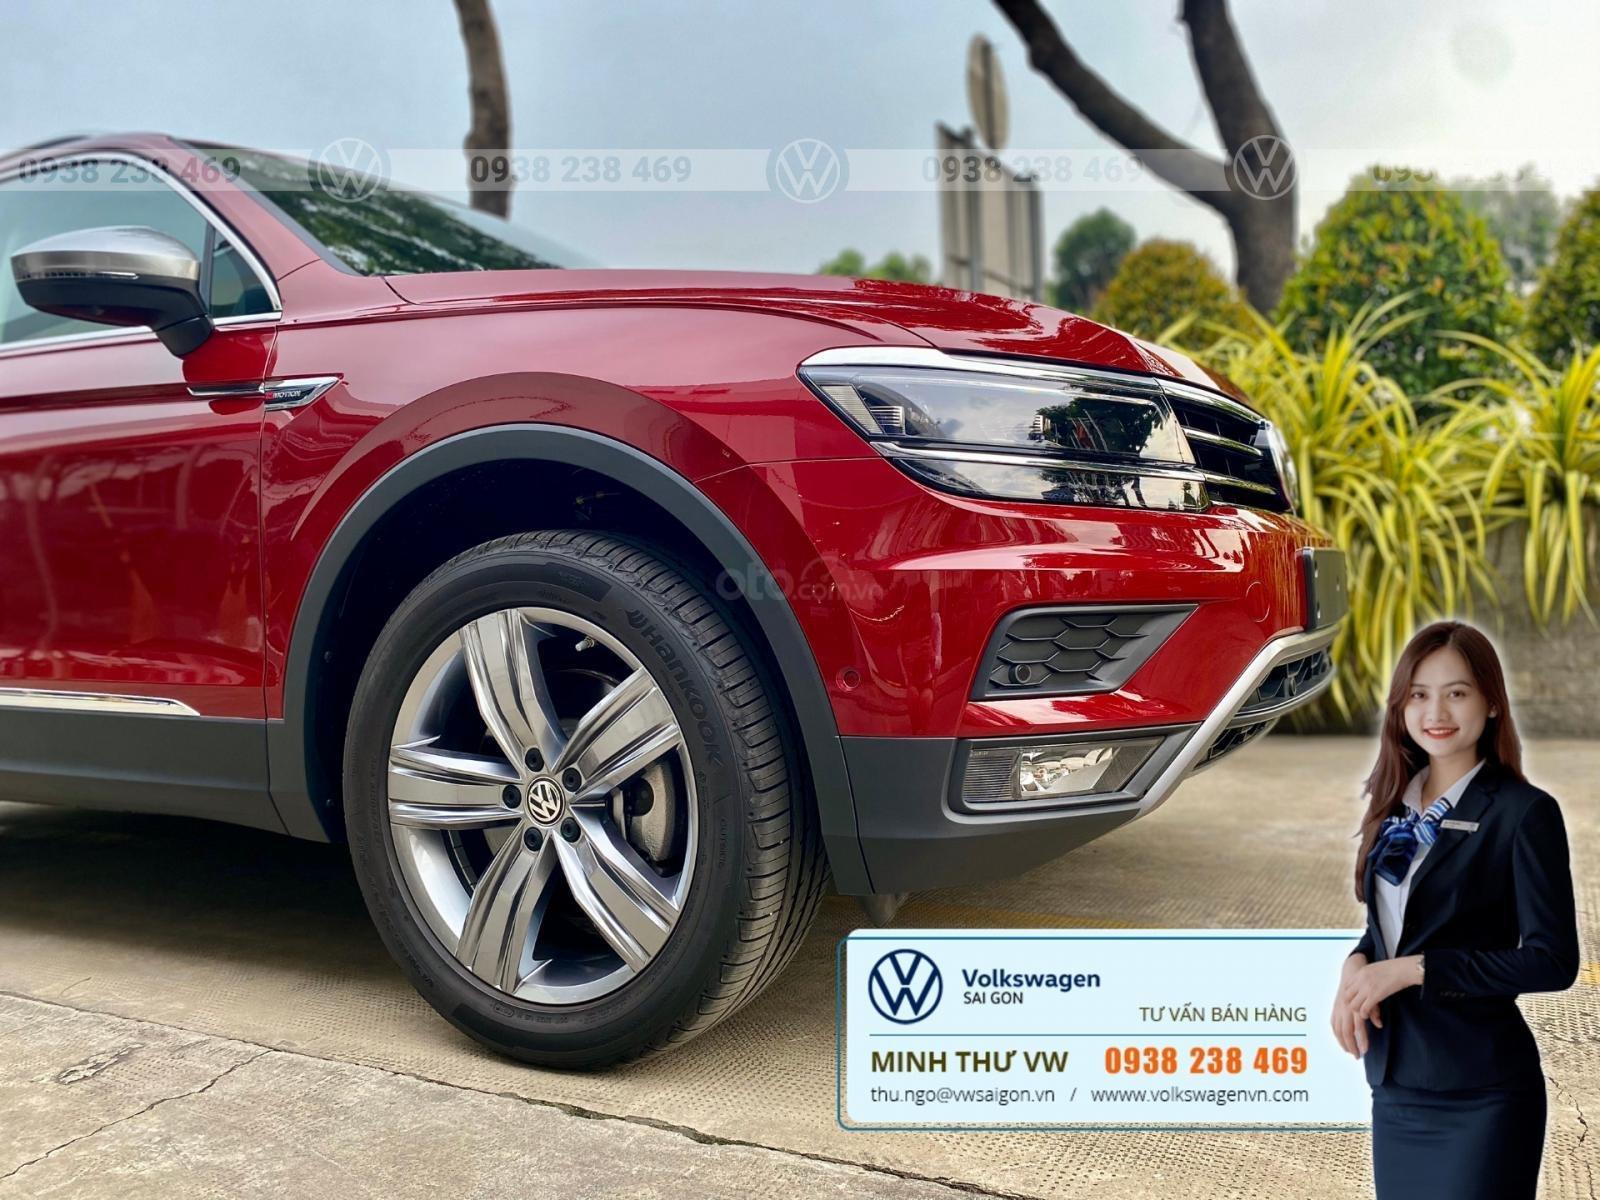 Xe Volkswagen Tiguan Luxury S màu đỏ 2020 - Bản cao cấp Offroad - SUV Đức 7 chỗ gầm cao - Lái thử xe tận nhà (4)